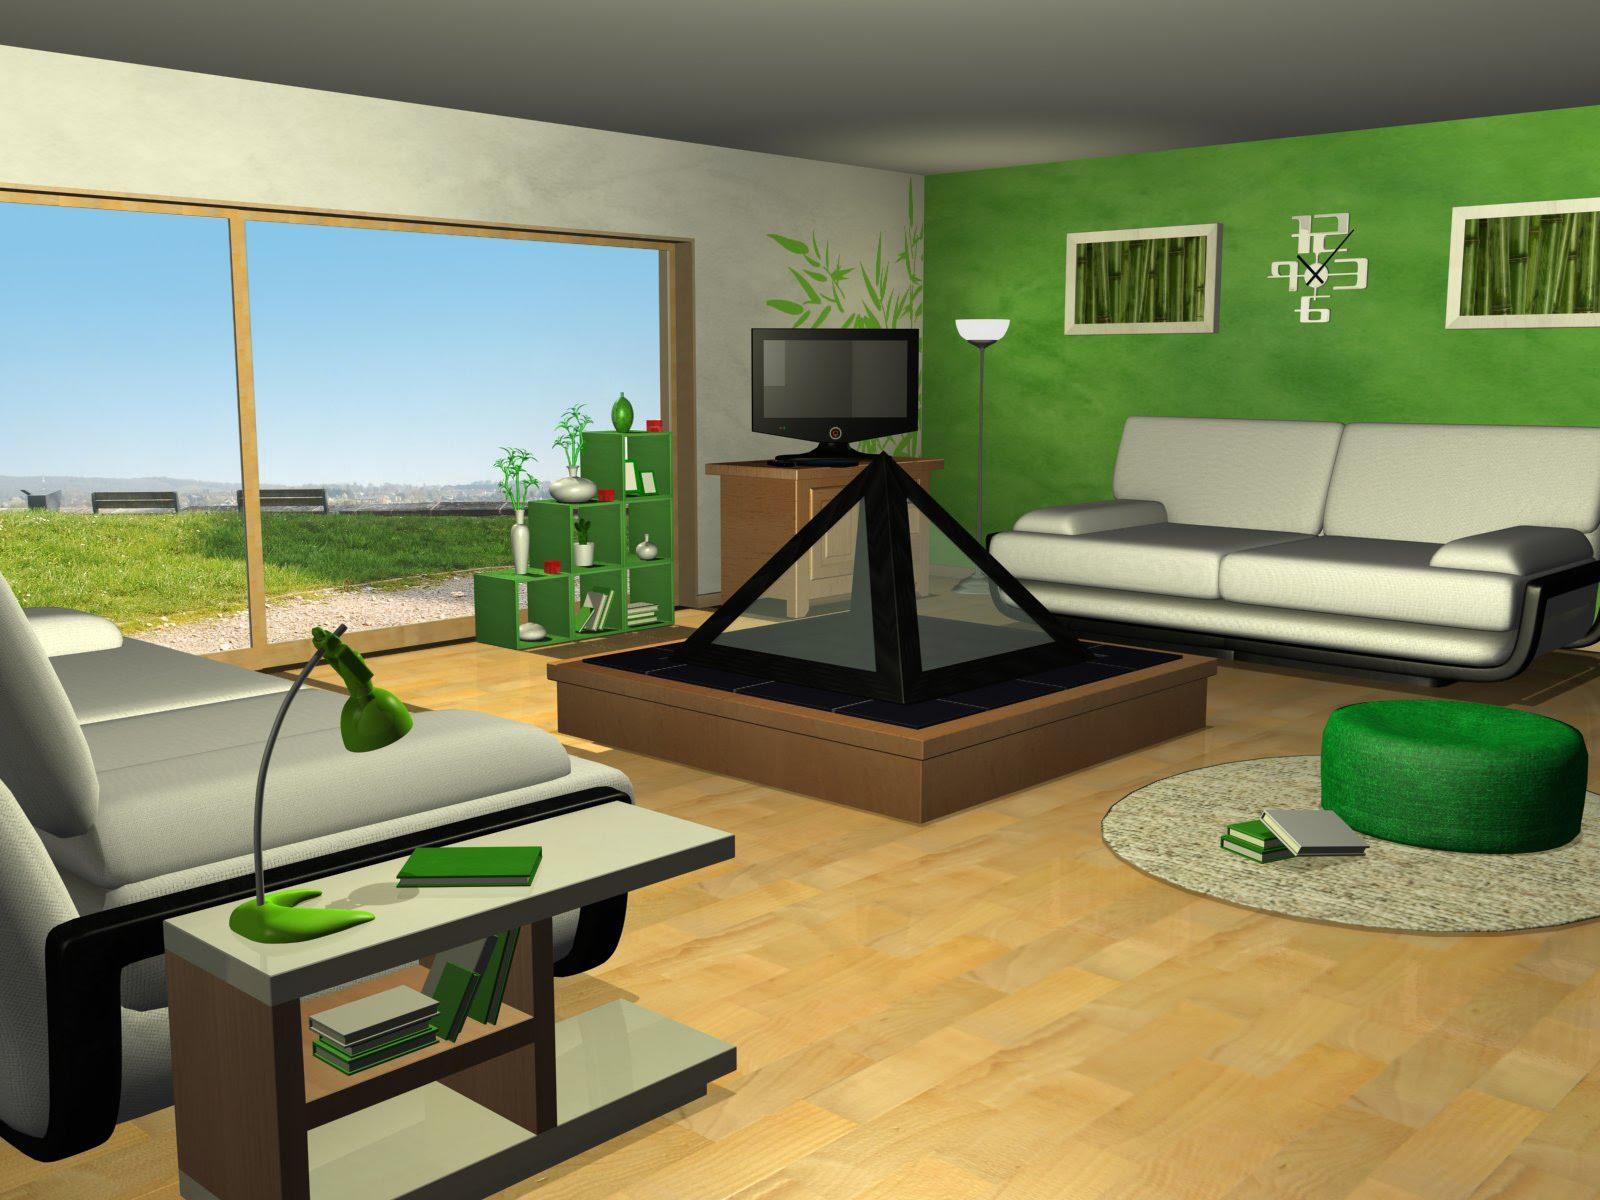 univers createur architecture interieur. Black Bedroom Furniture Sets. Home Design Ideas